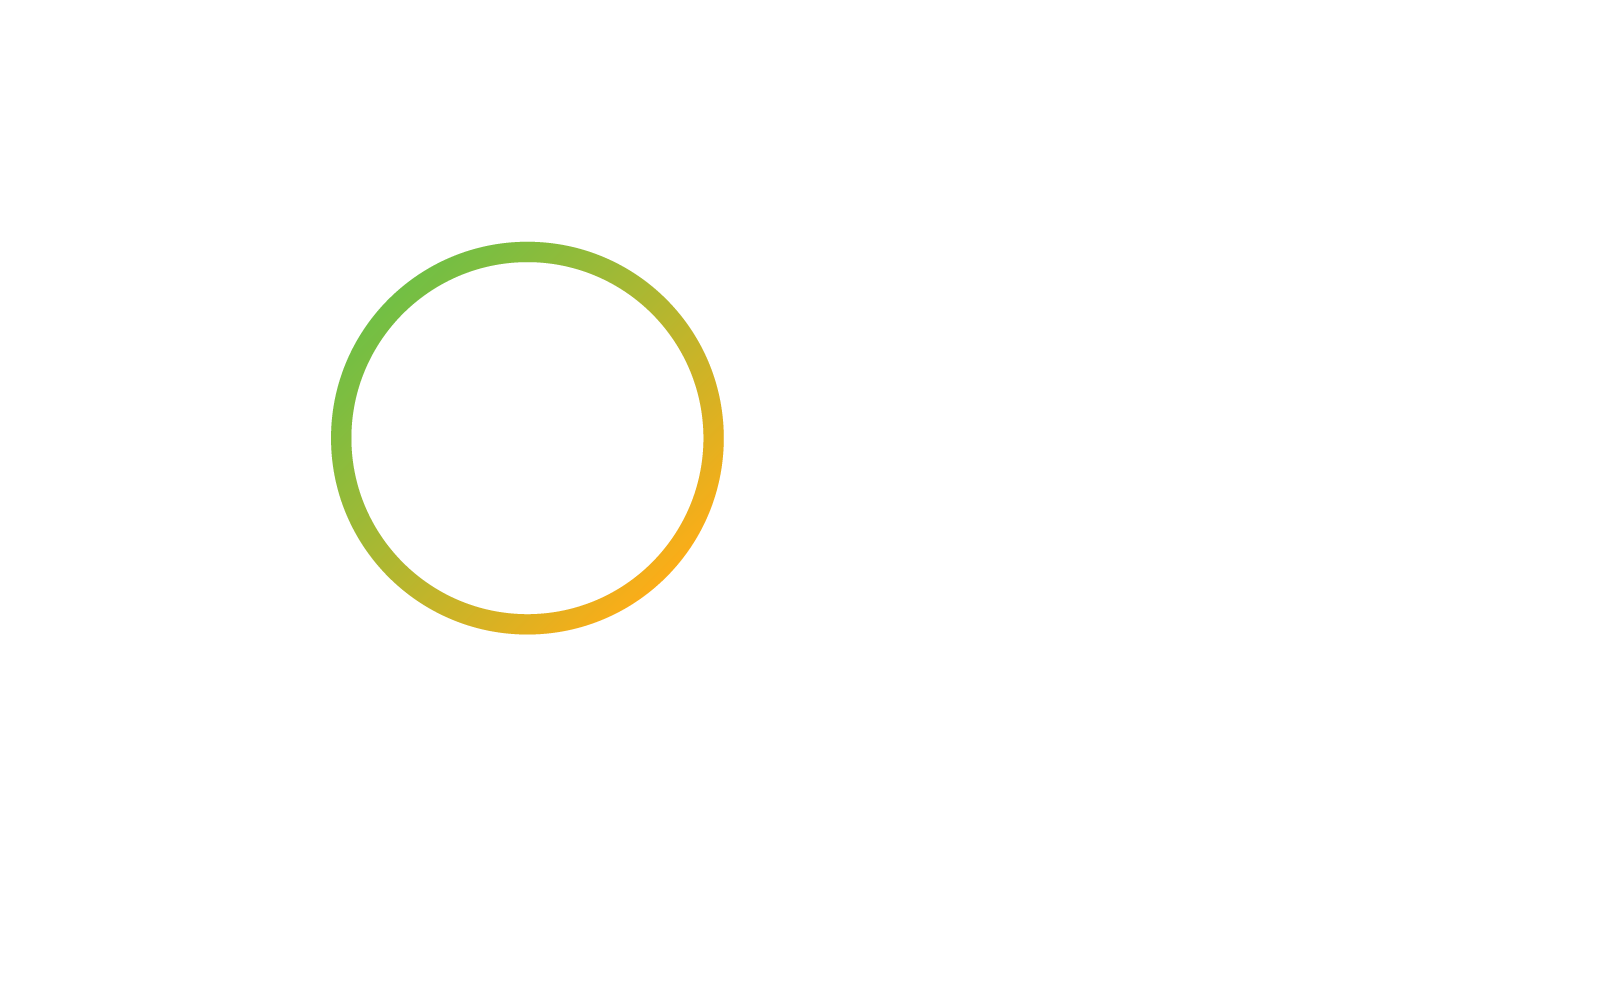 Cover image: Irish Design Shop (2012)